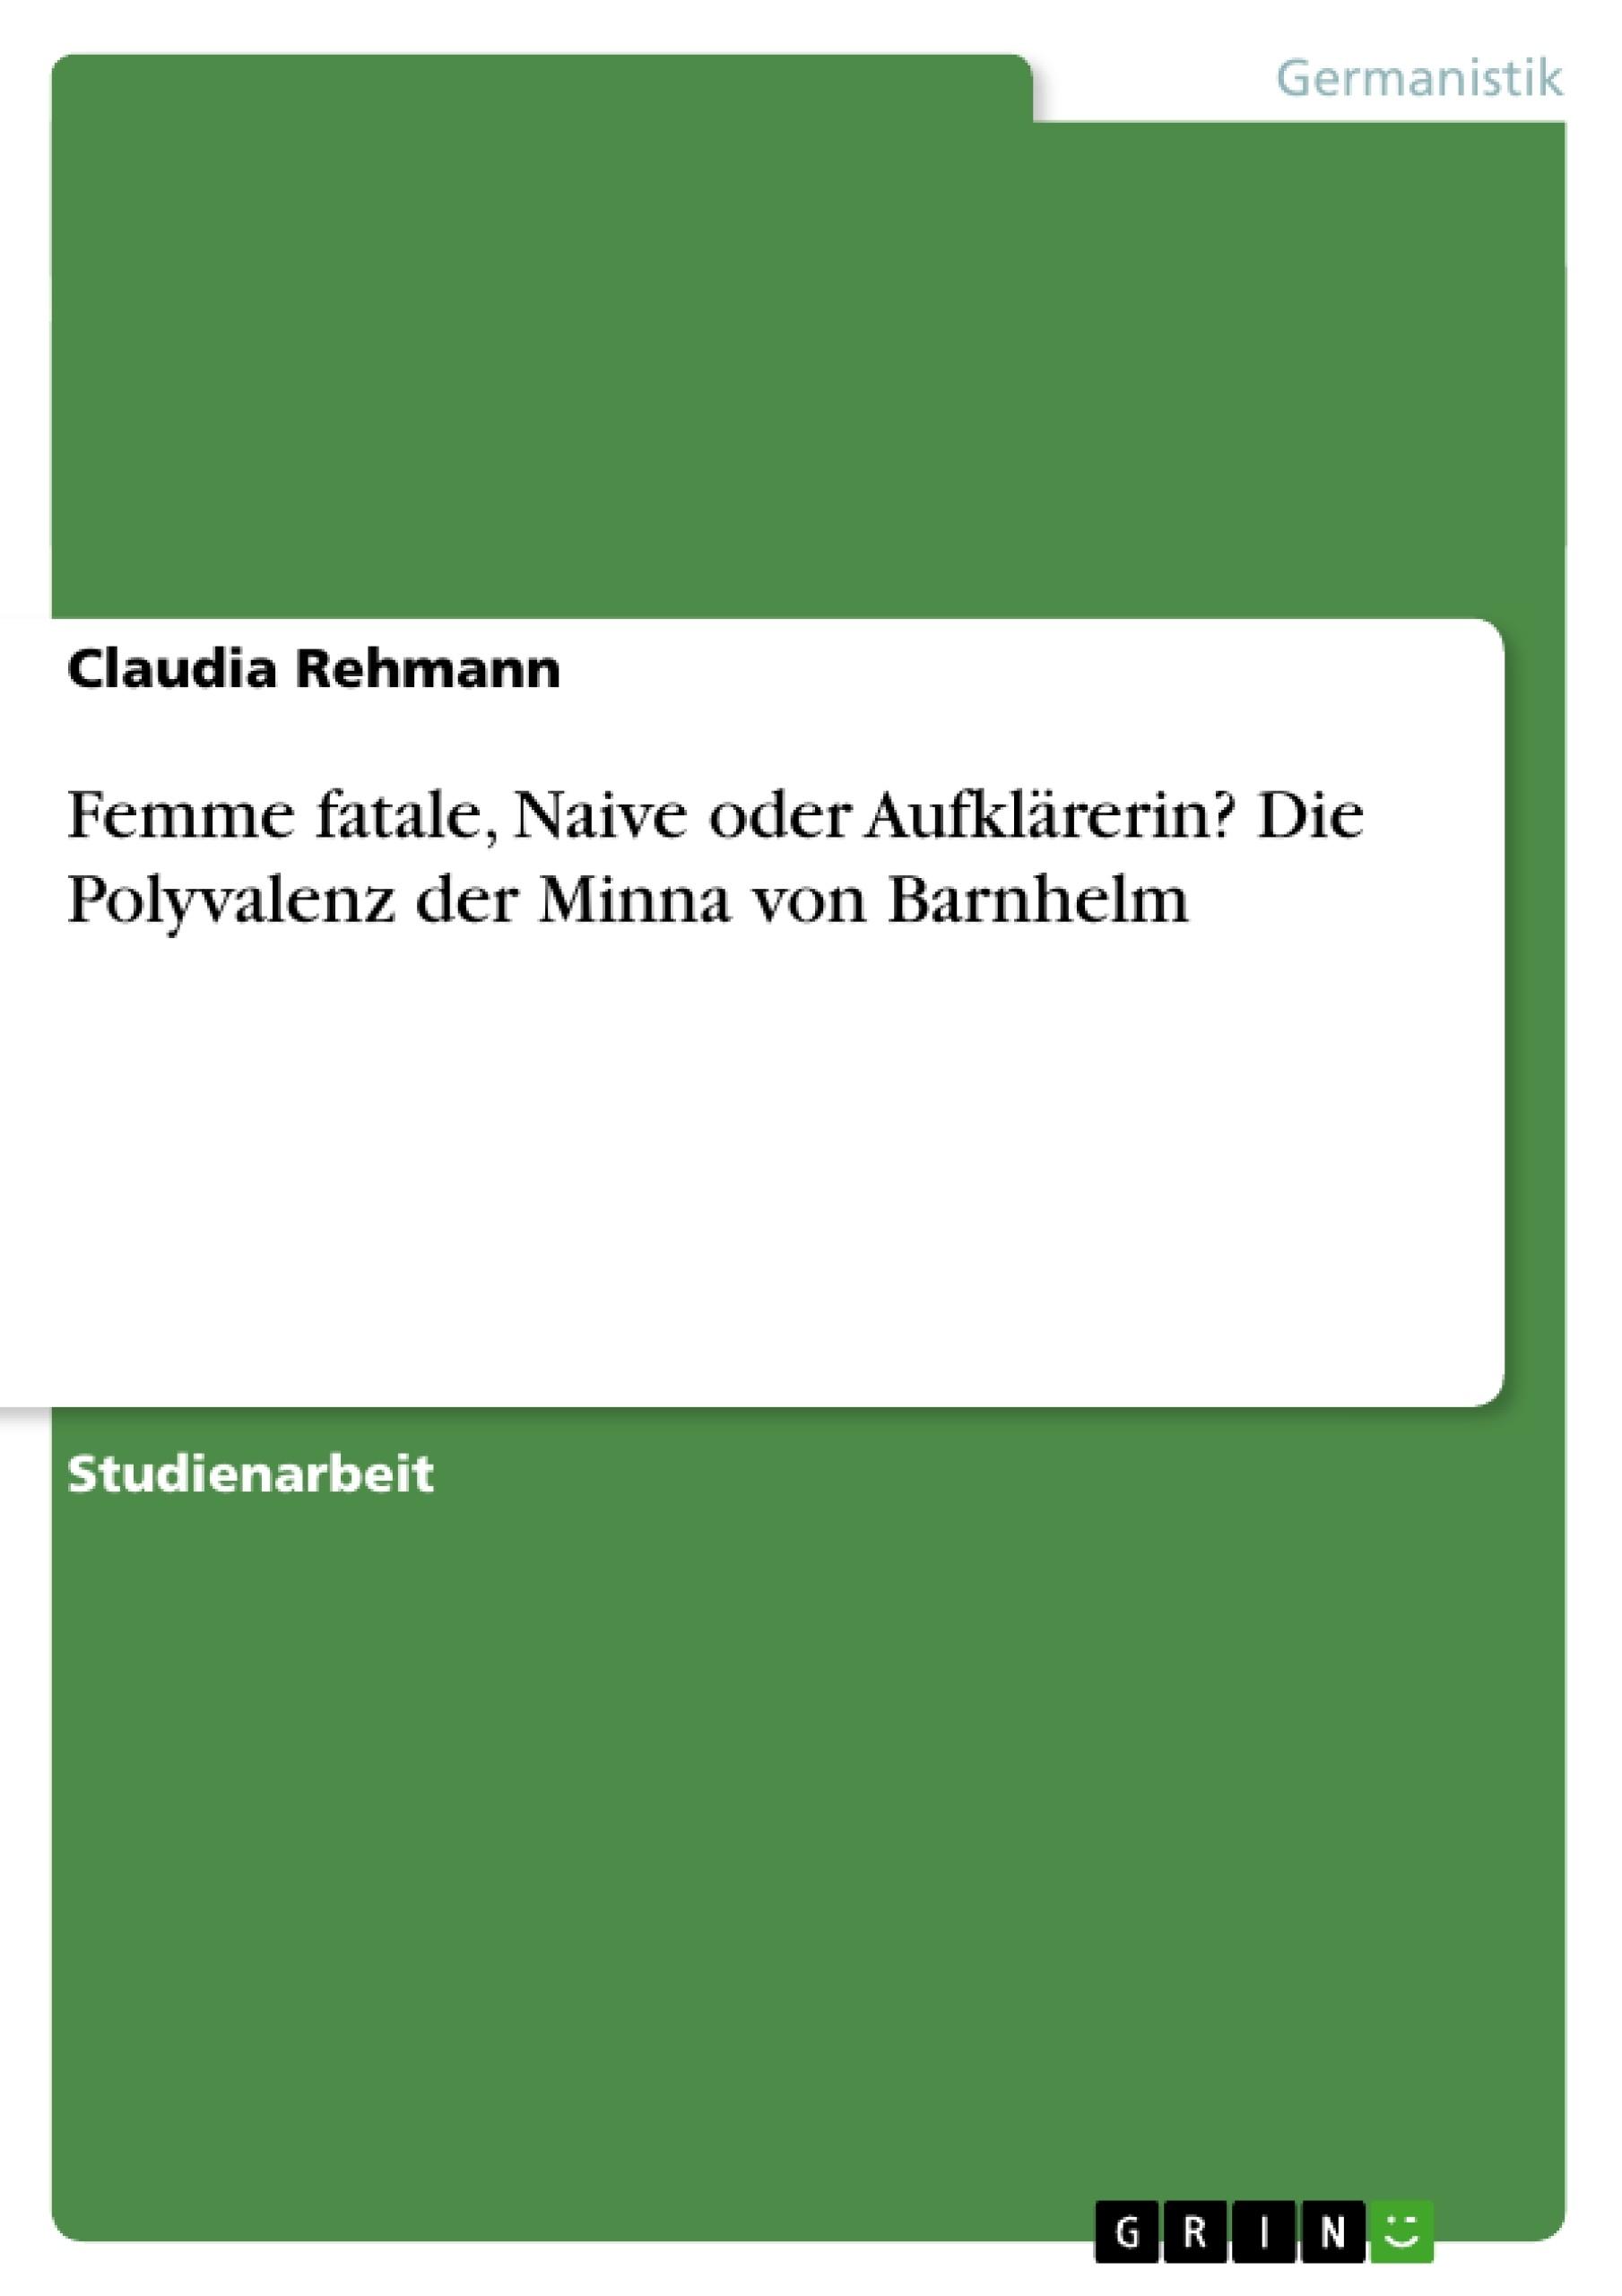 Titel: Femme fatale, Naive oder Aufklärerin? Die Polyvalenz der Minna von Barnhelm